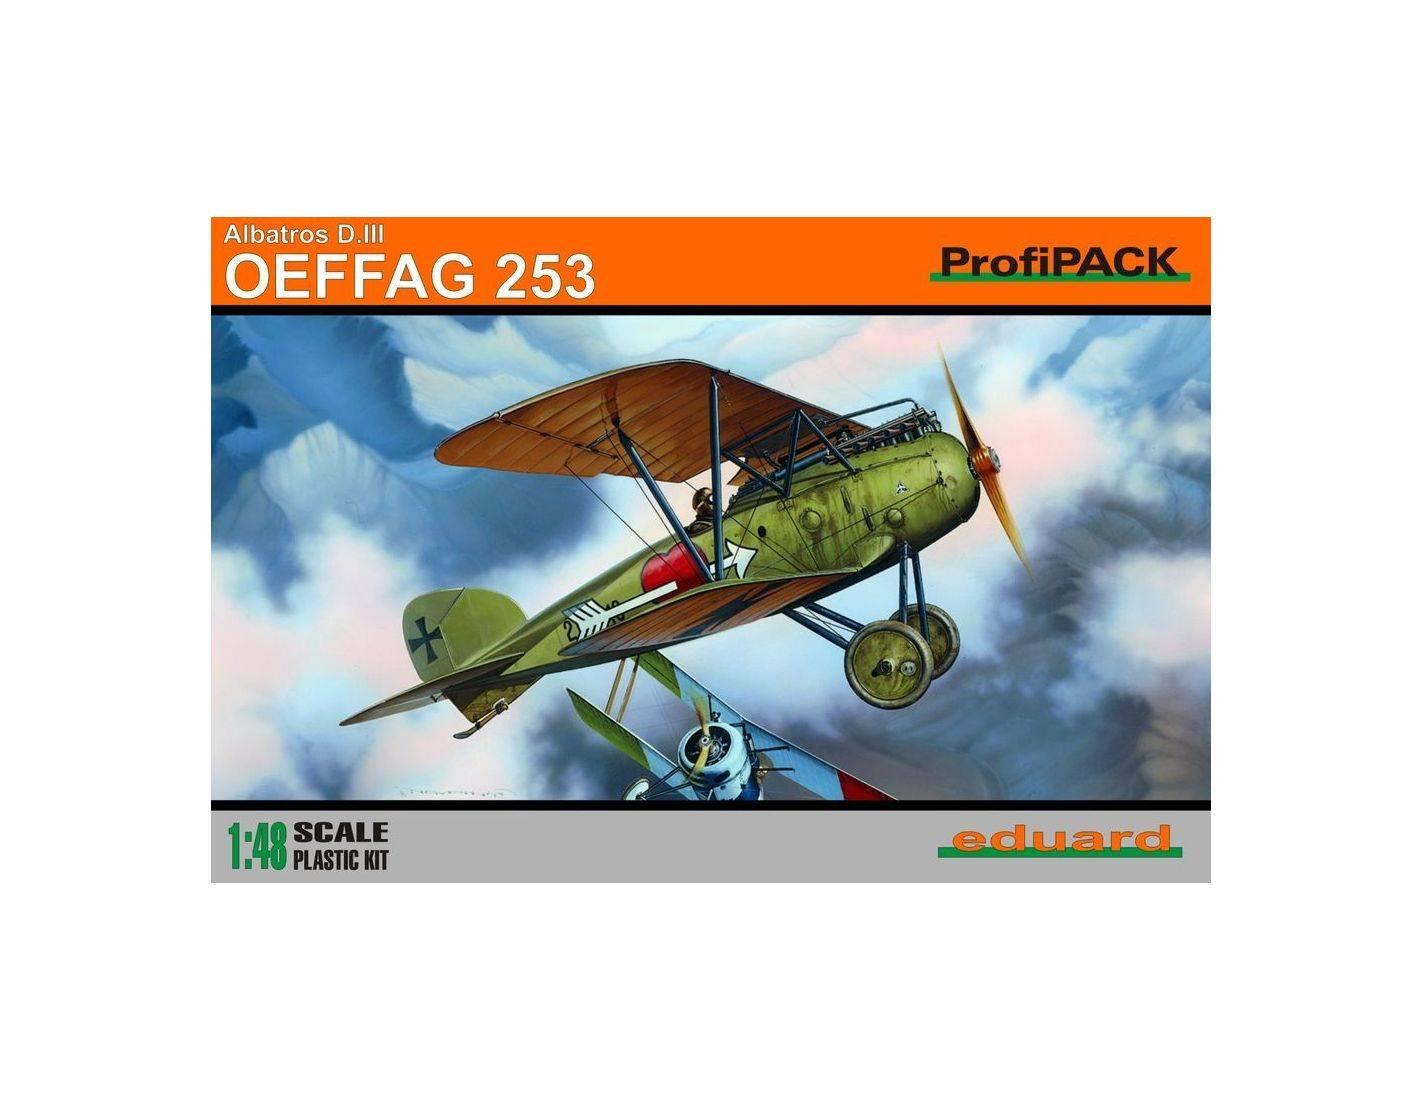 EDUARD 8242 ALBATROS D. III  OEFFAG 253 1:48 KIT Modellino